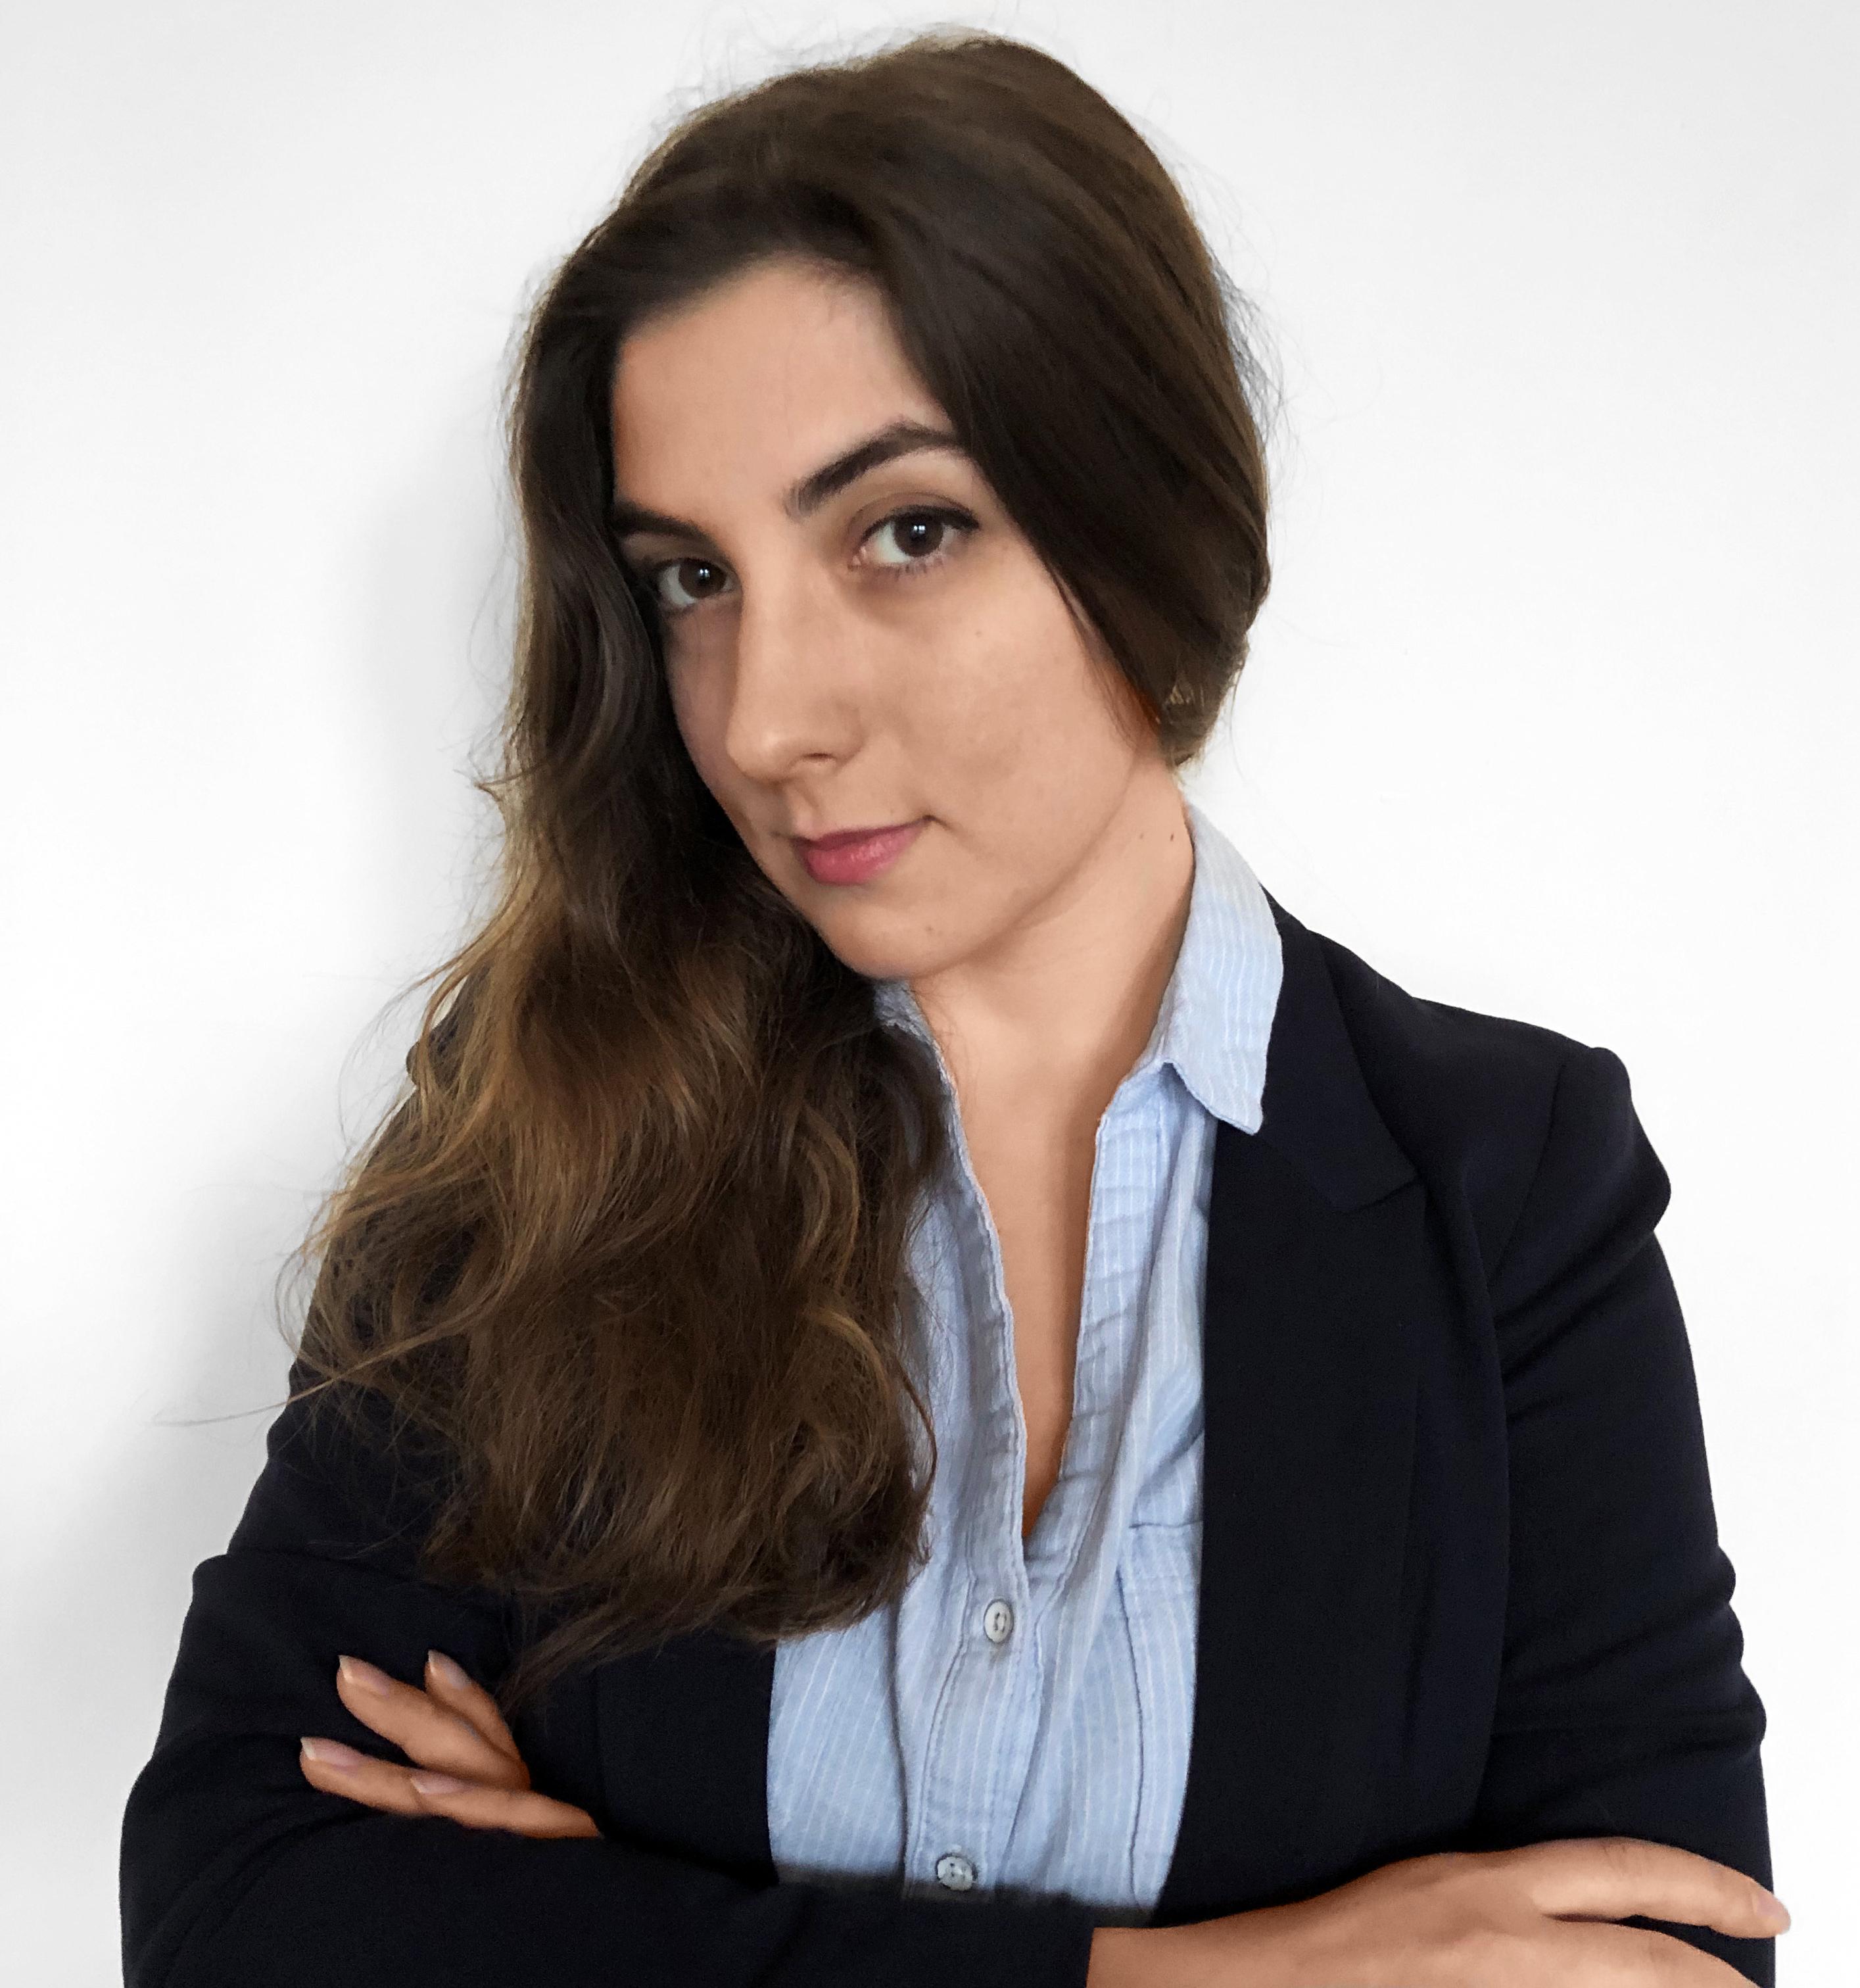 Eva Modebadze